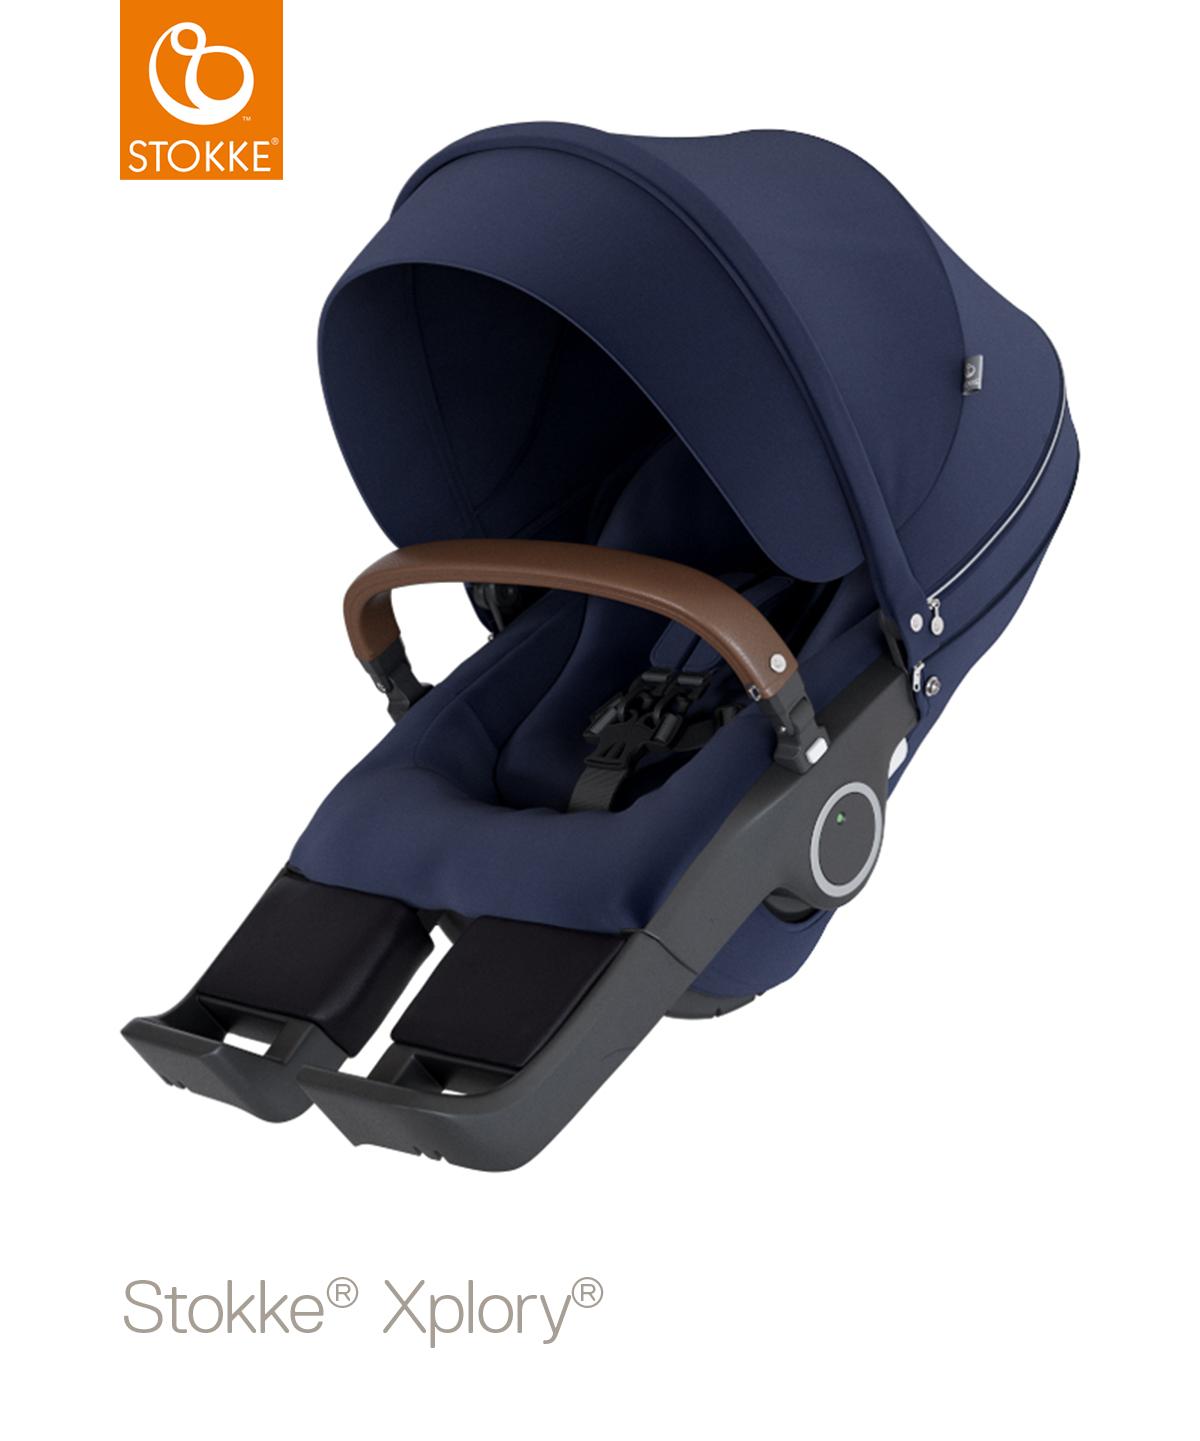 STOKKE Κάθισμα Stokke για XPLORY V6 Deep Blue